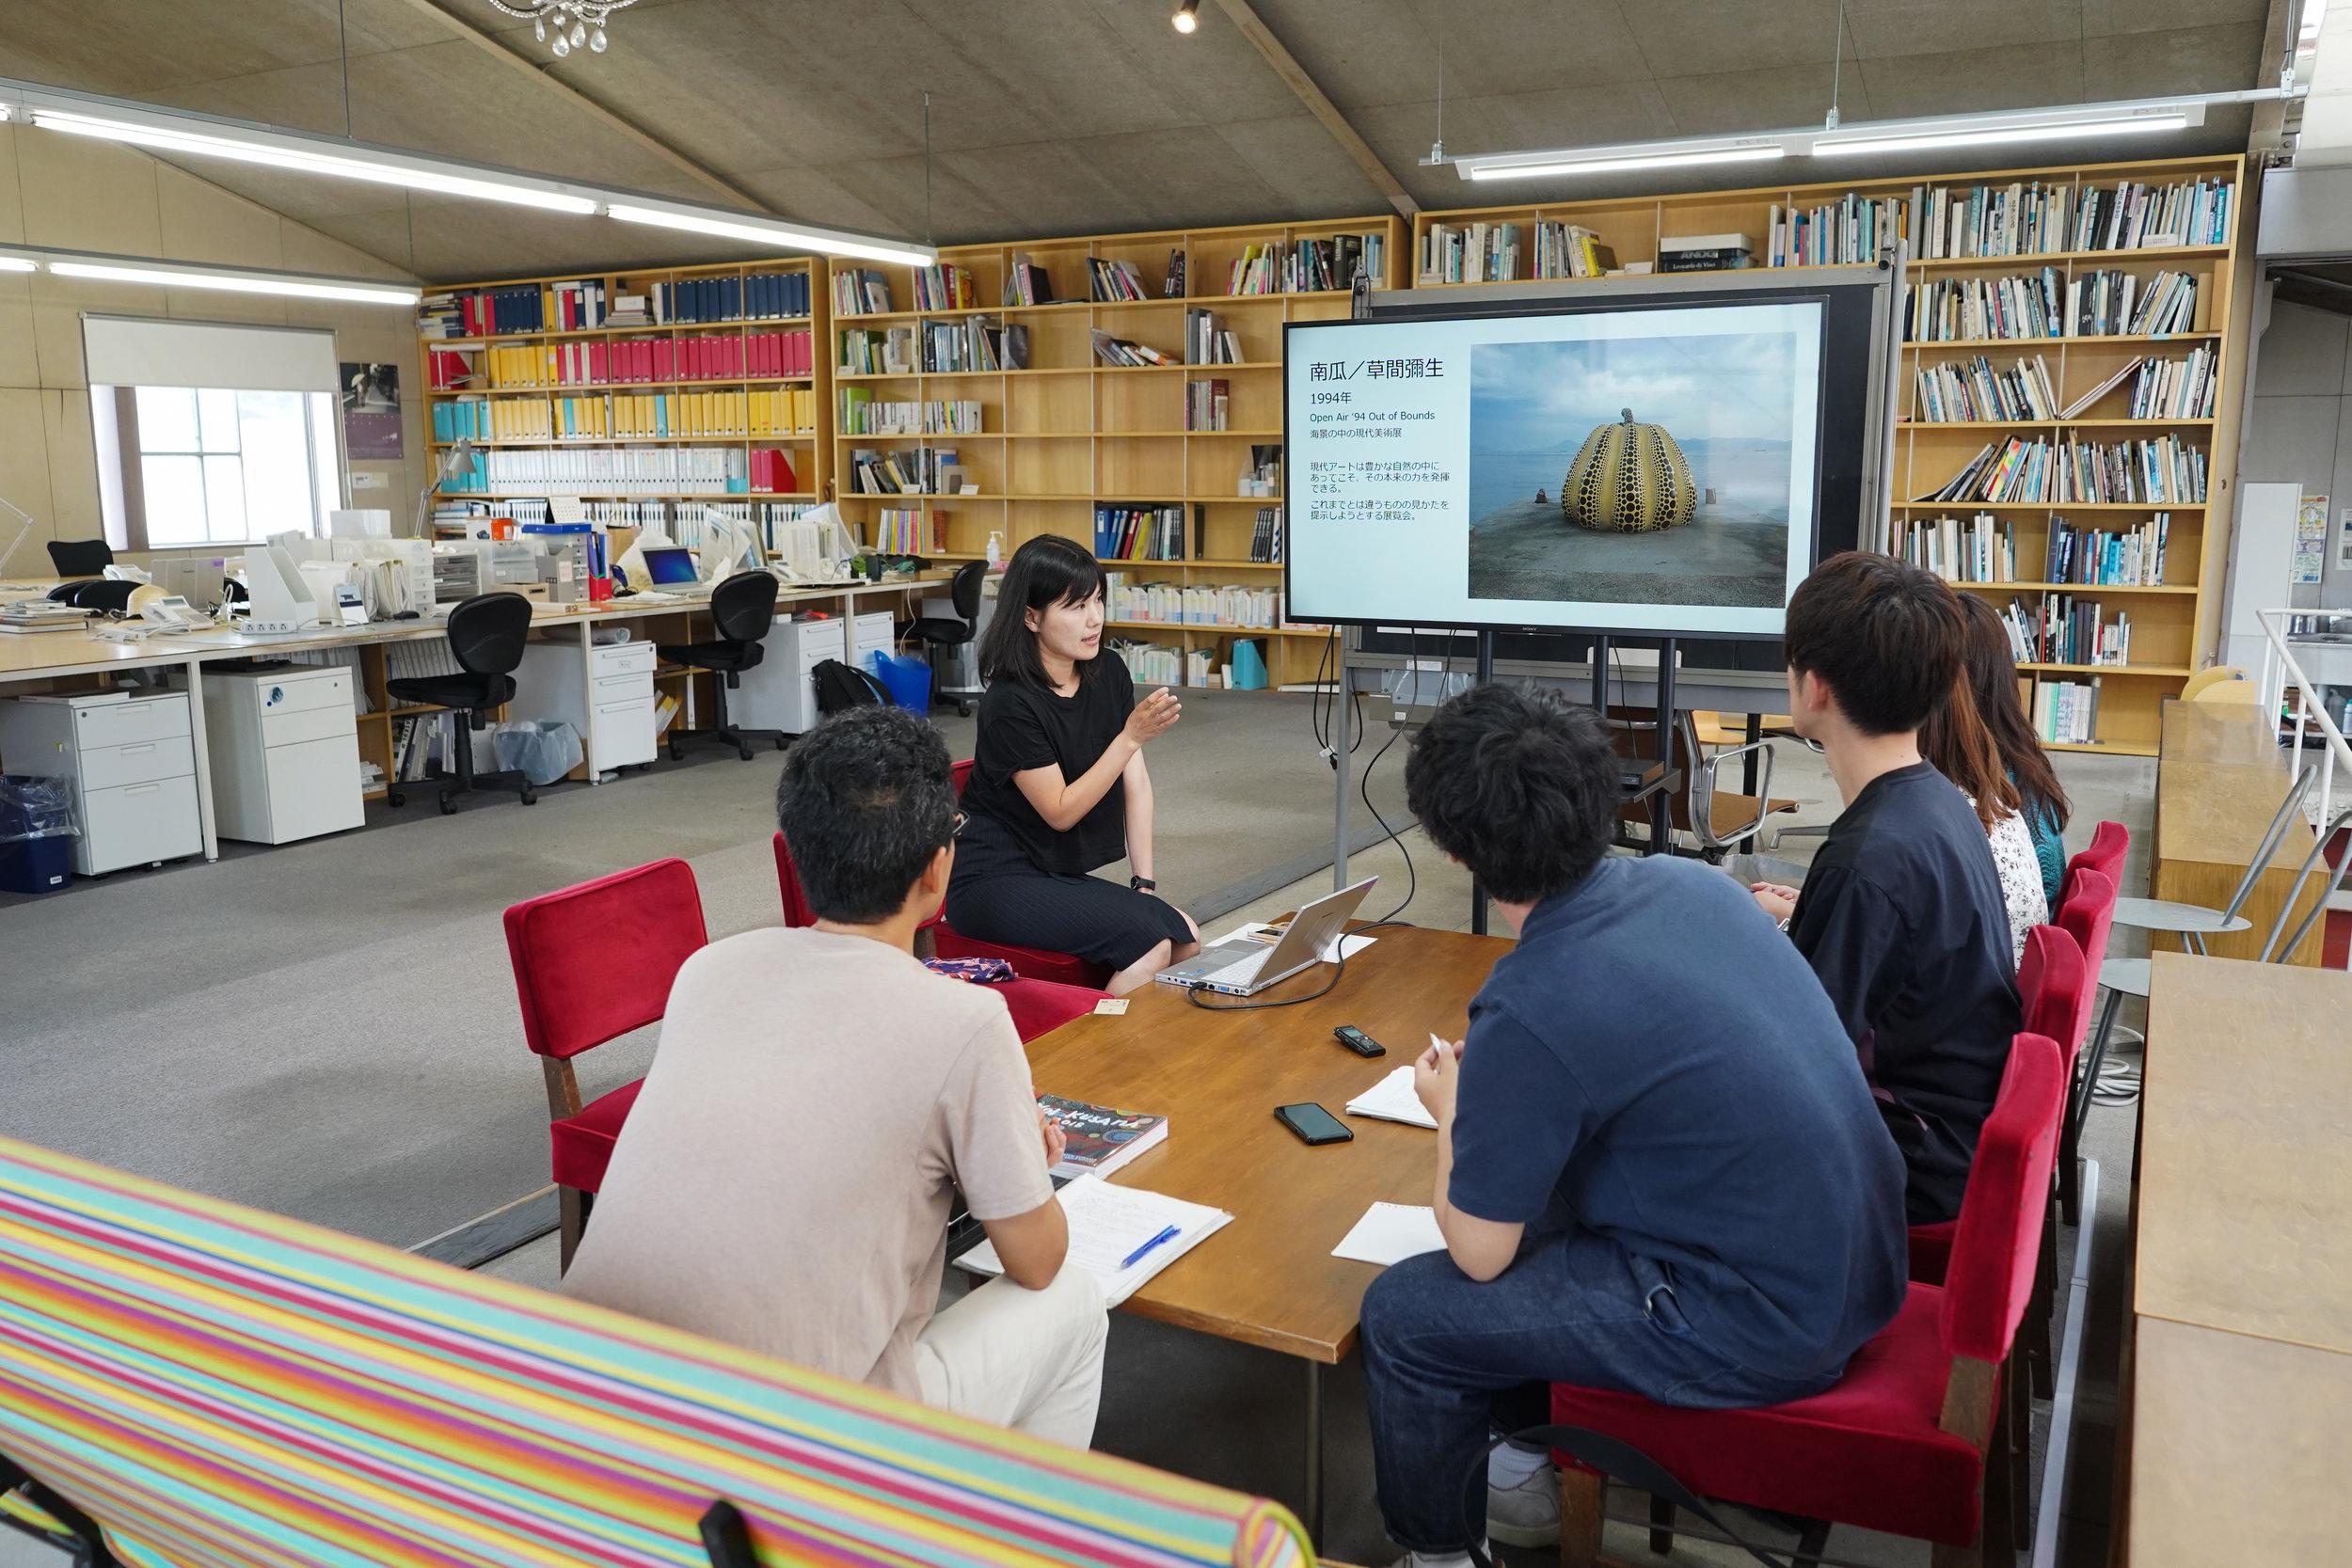 アートグループはベネッセ事務所にて、直島のアートとソーシャルメディアの関係について学びました。 The art group at the Benesse office, where they learned about the relationship between art and social media on Naoshima.